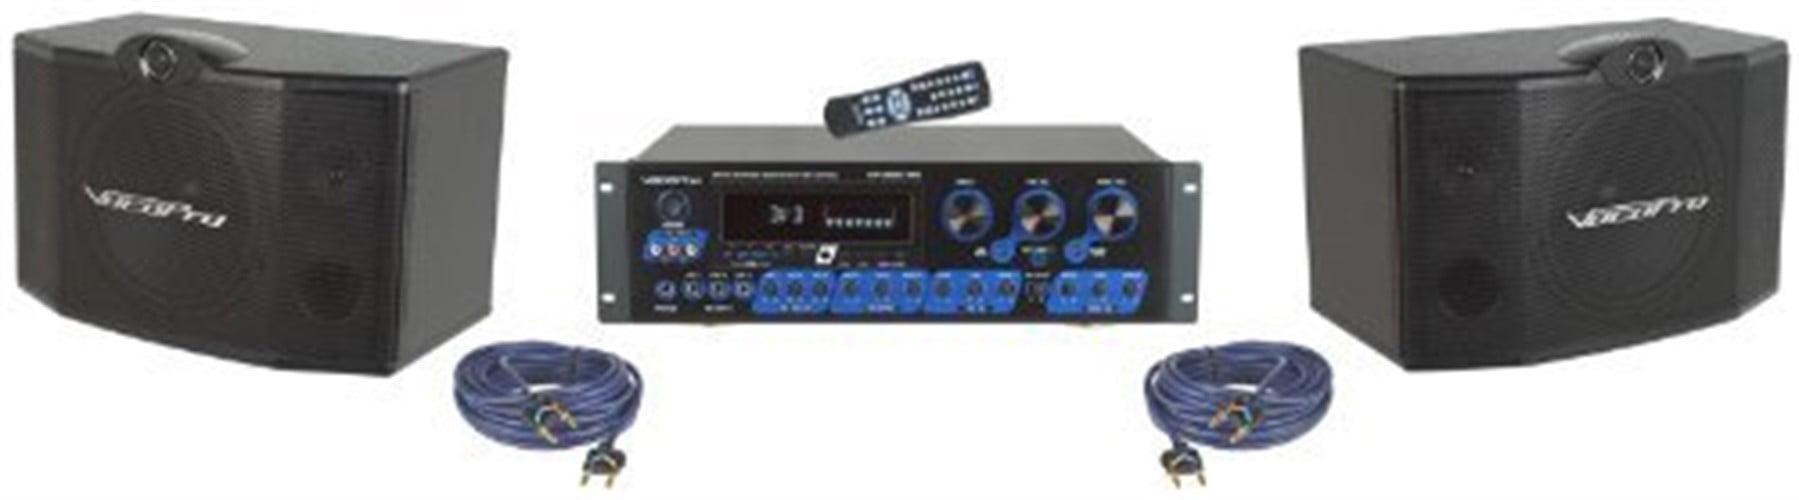 VocoPro KRS-3 Digital Karaoke Mixing Amplifier & Speaker Package by VocoPro